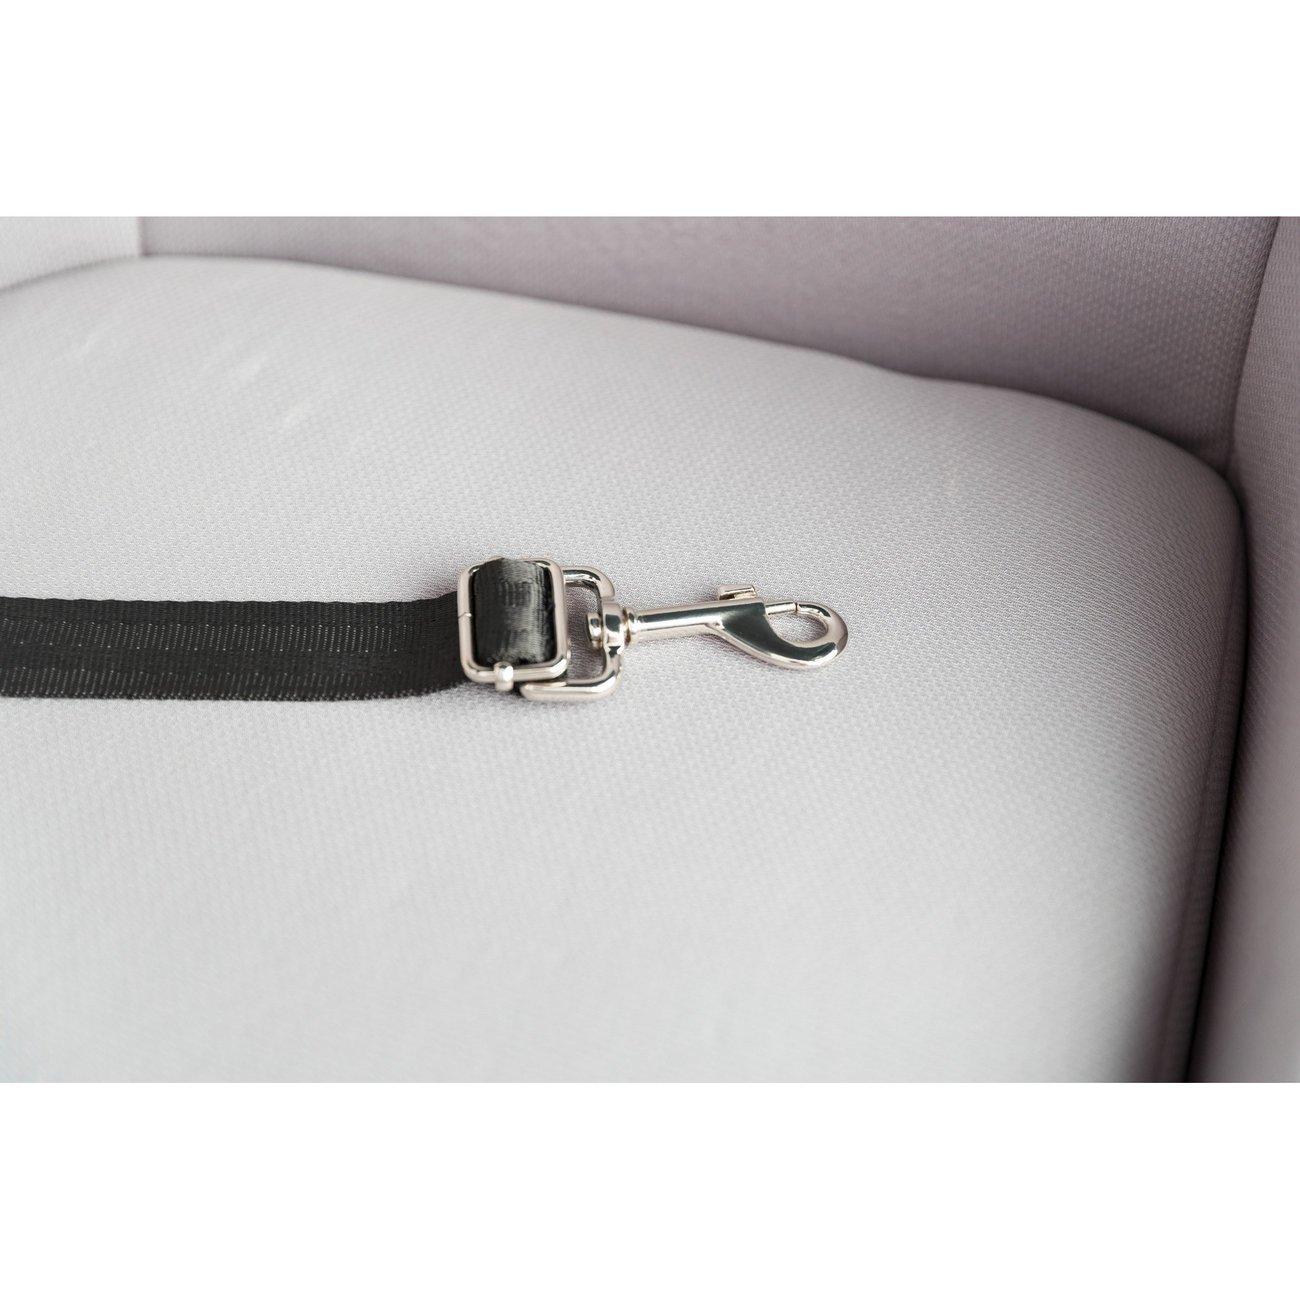 TRIXIE Autositz für kleine Hunde bis 8 kg 13176, Bild 7